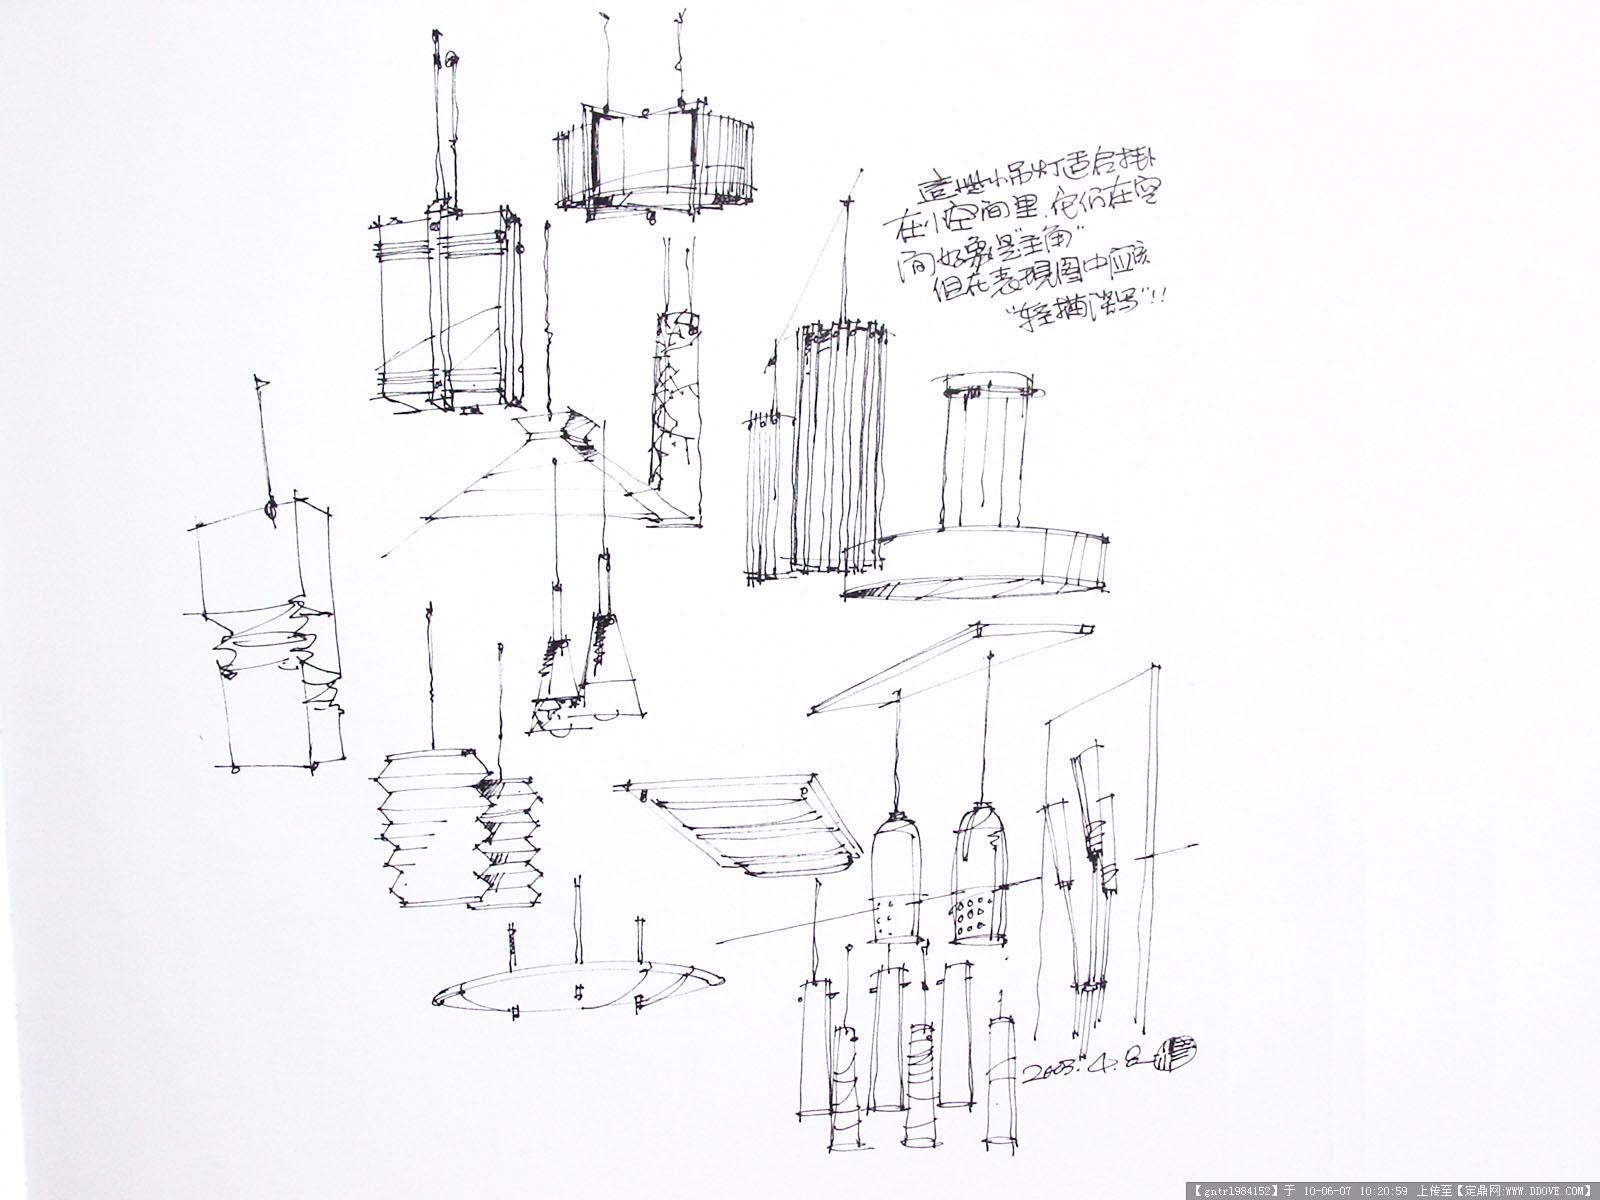 庐山室内手绘线稿 - 玉山论坛13